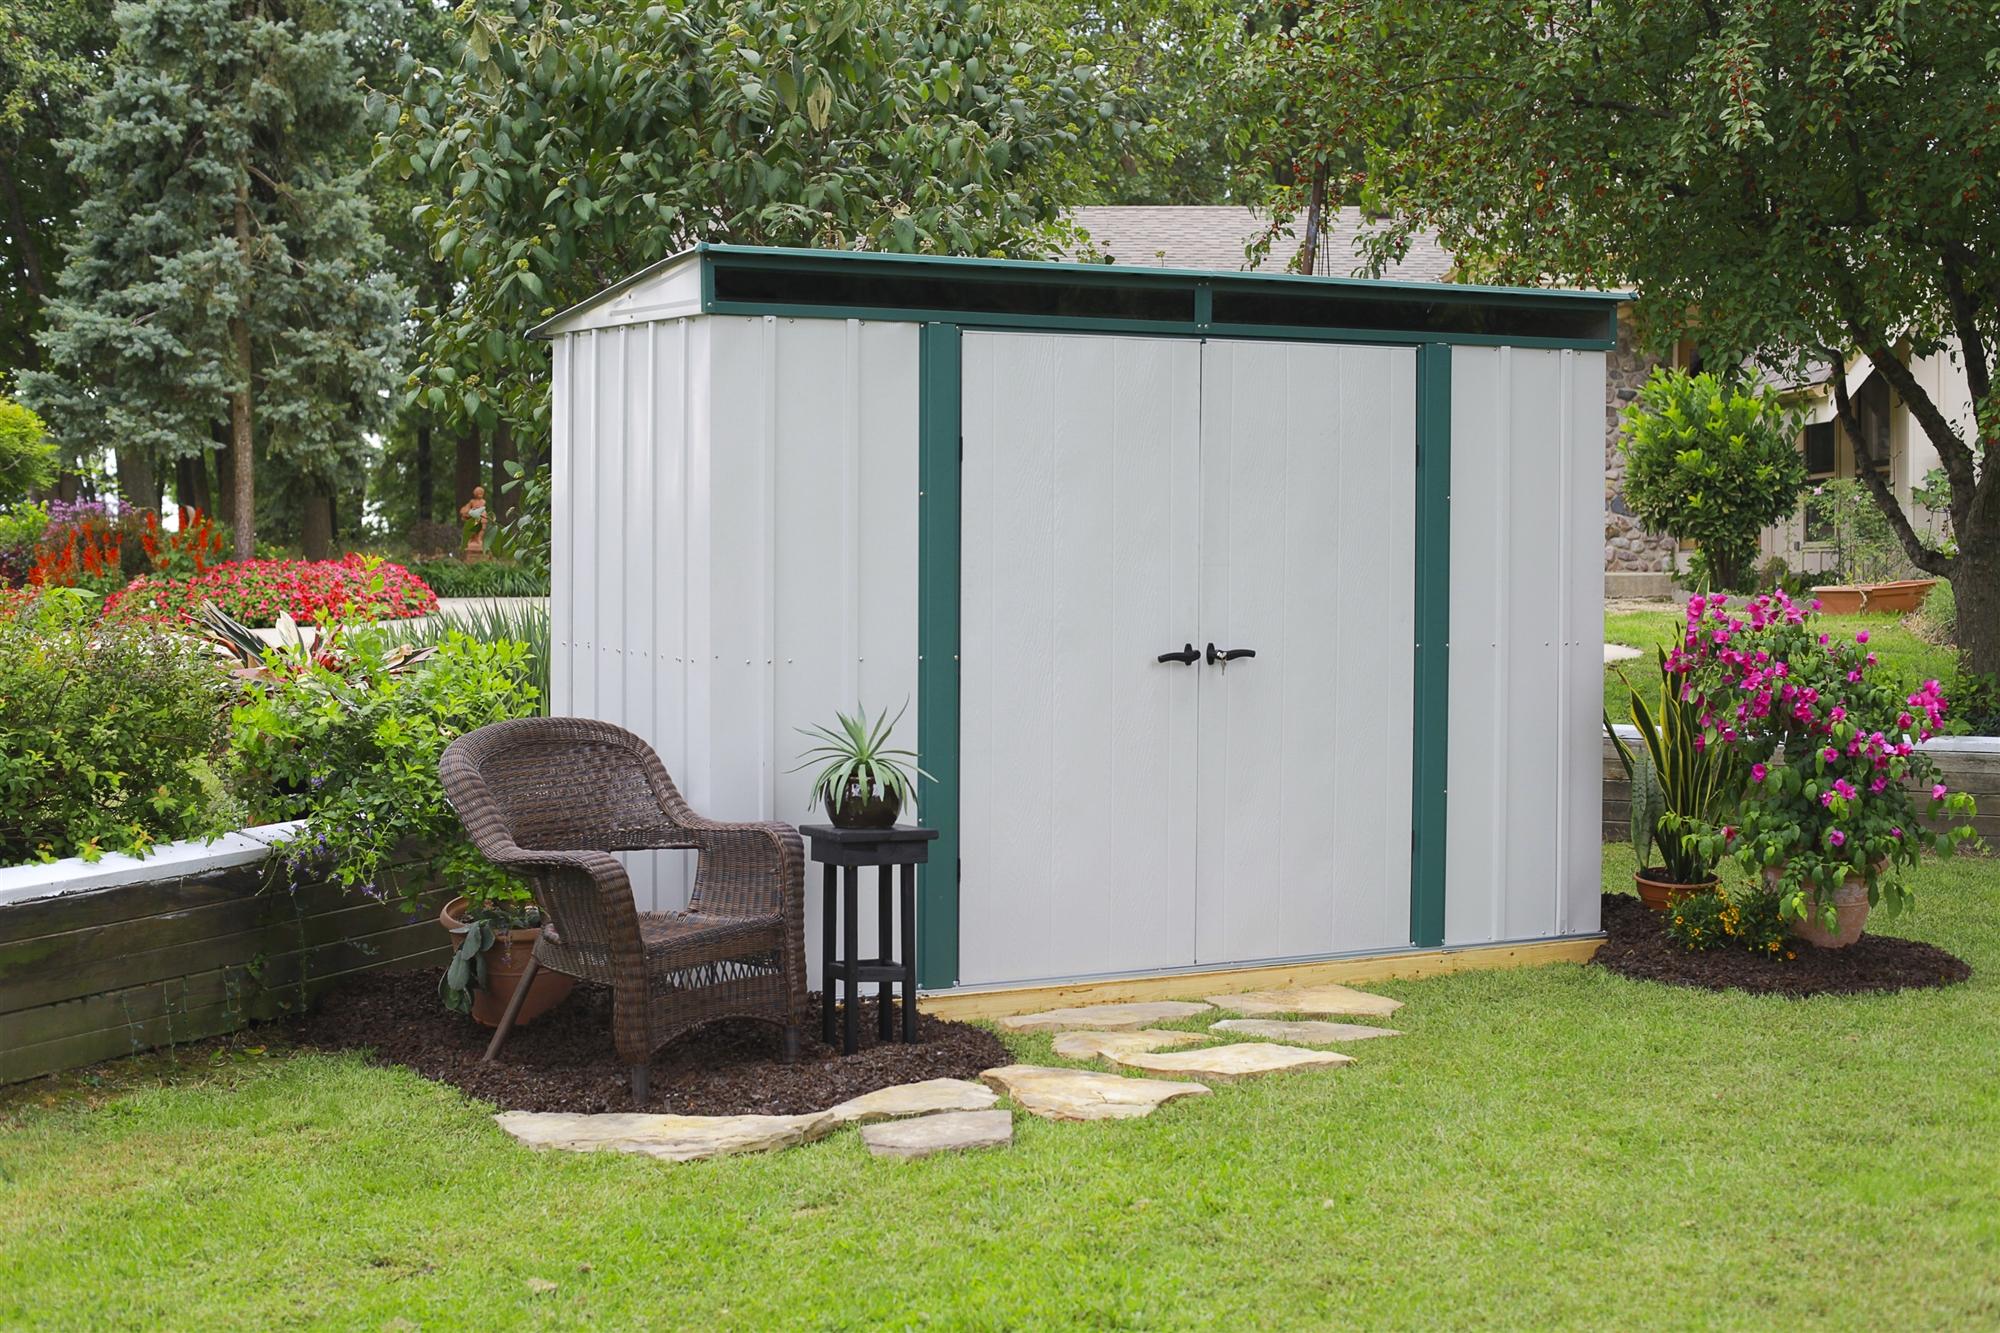 Abri de jardin metal arrow elphd104 - Abri de jardin acier galvanise ...